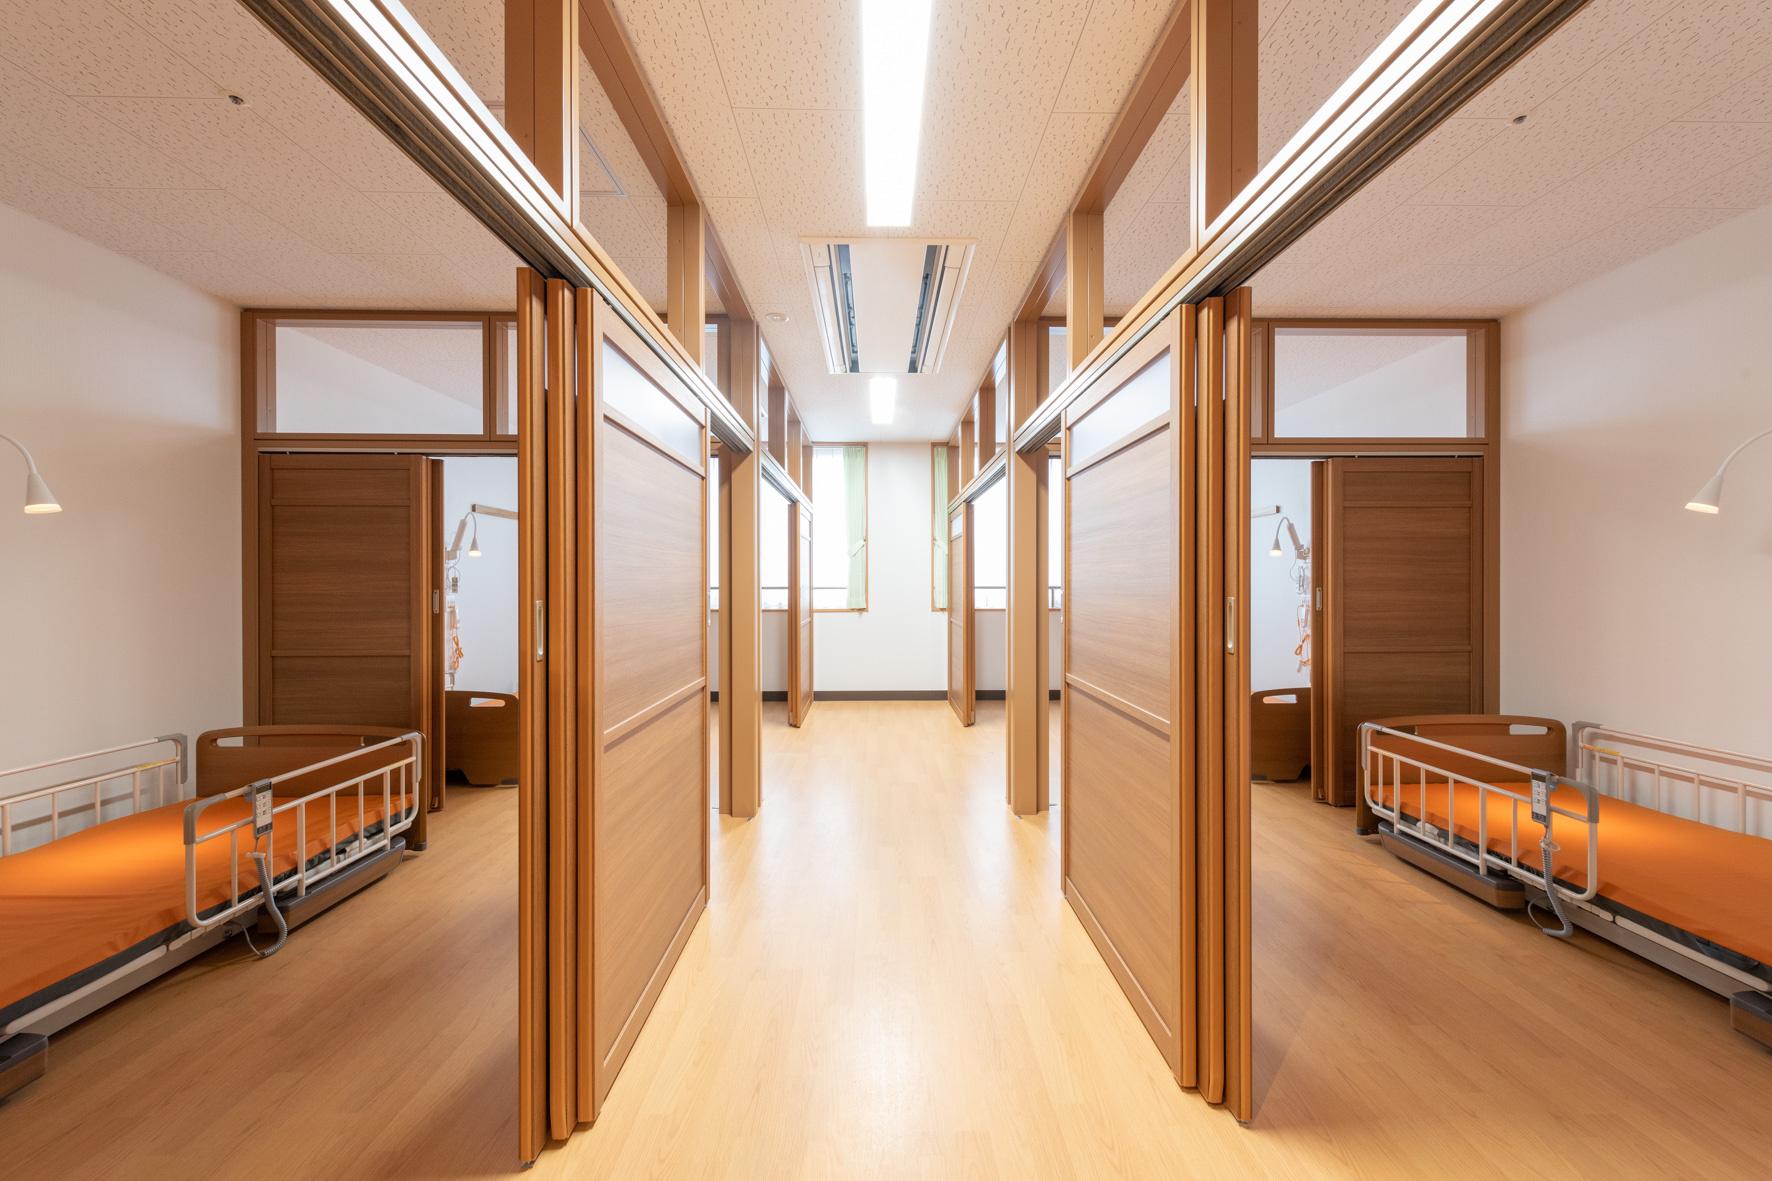 介護施設 2人部屋